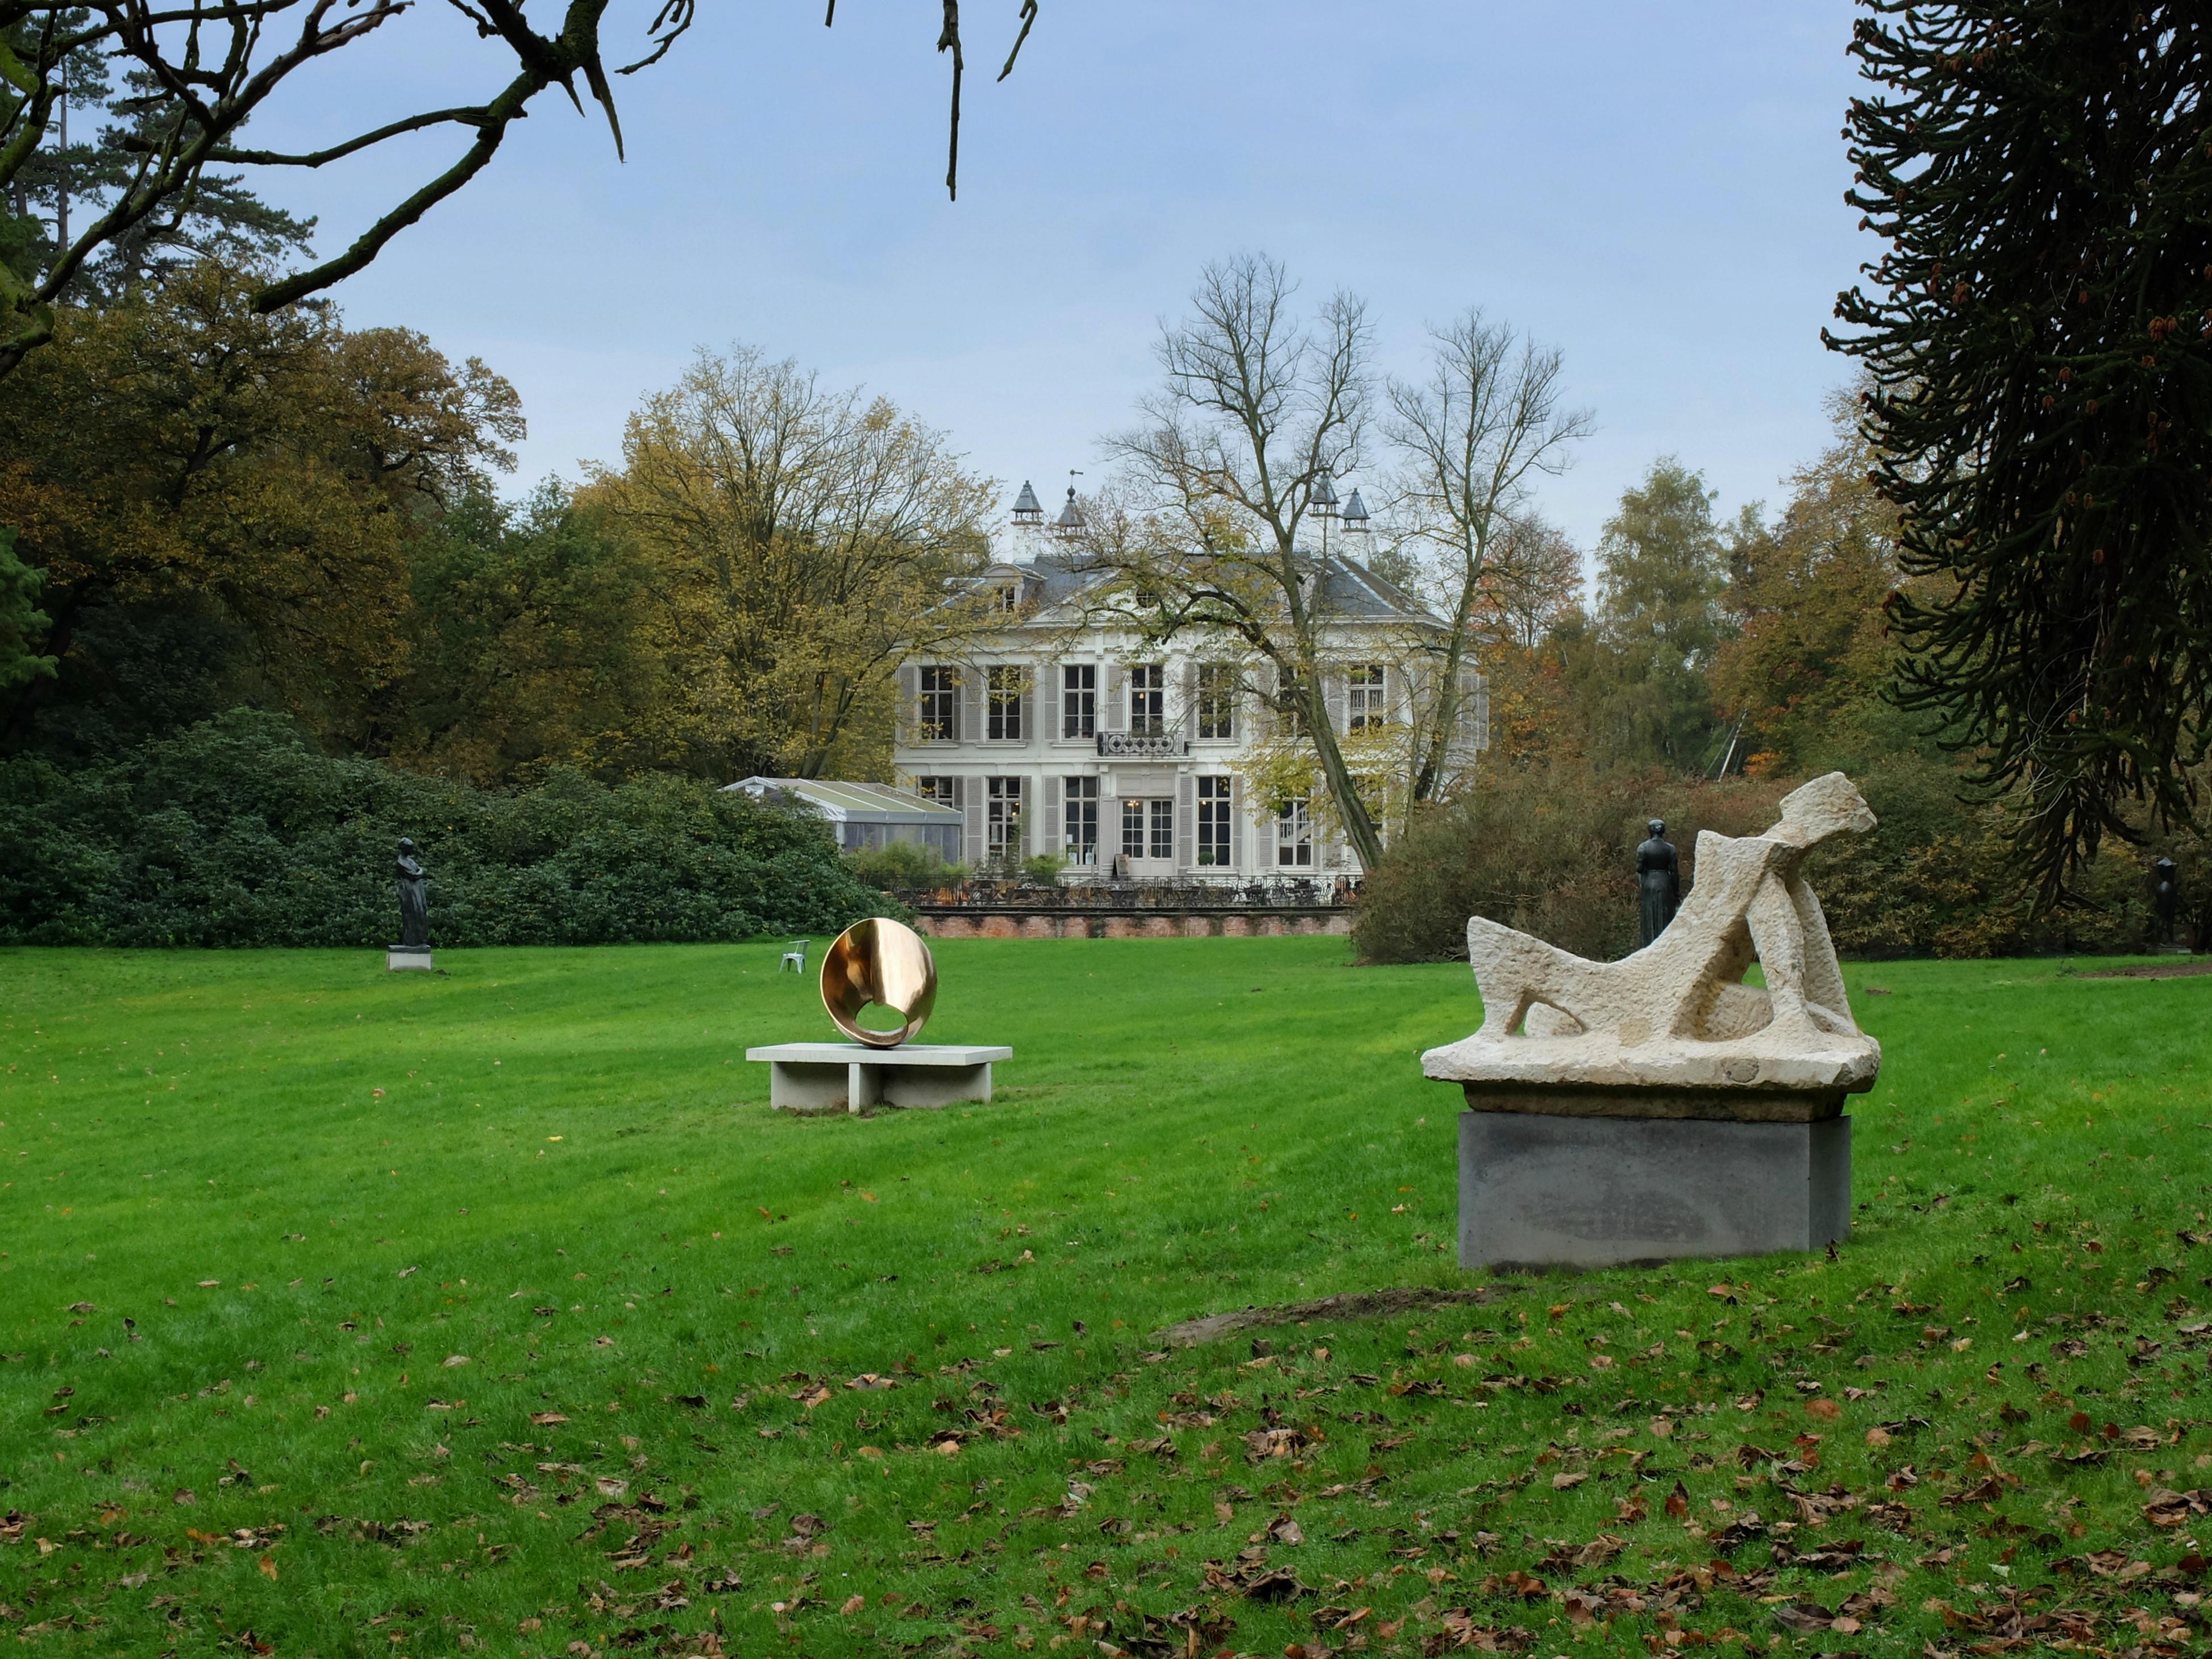 sites de rencontres pour les amateurs de plein air au Royaume-Uni kik amour datant